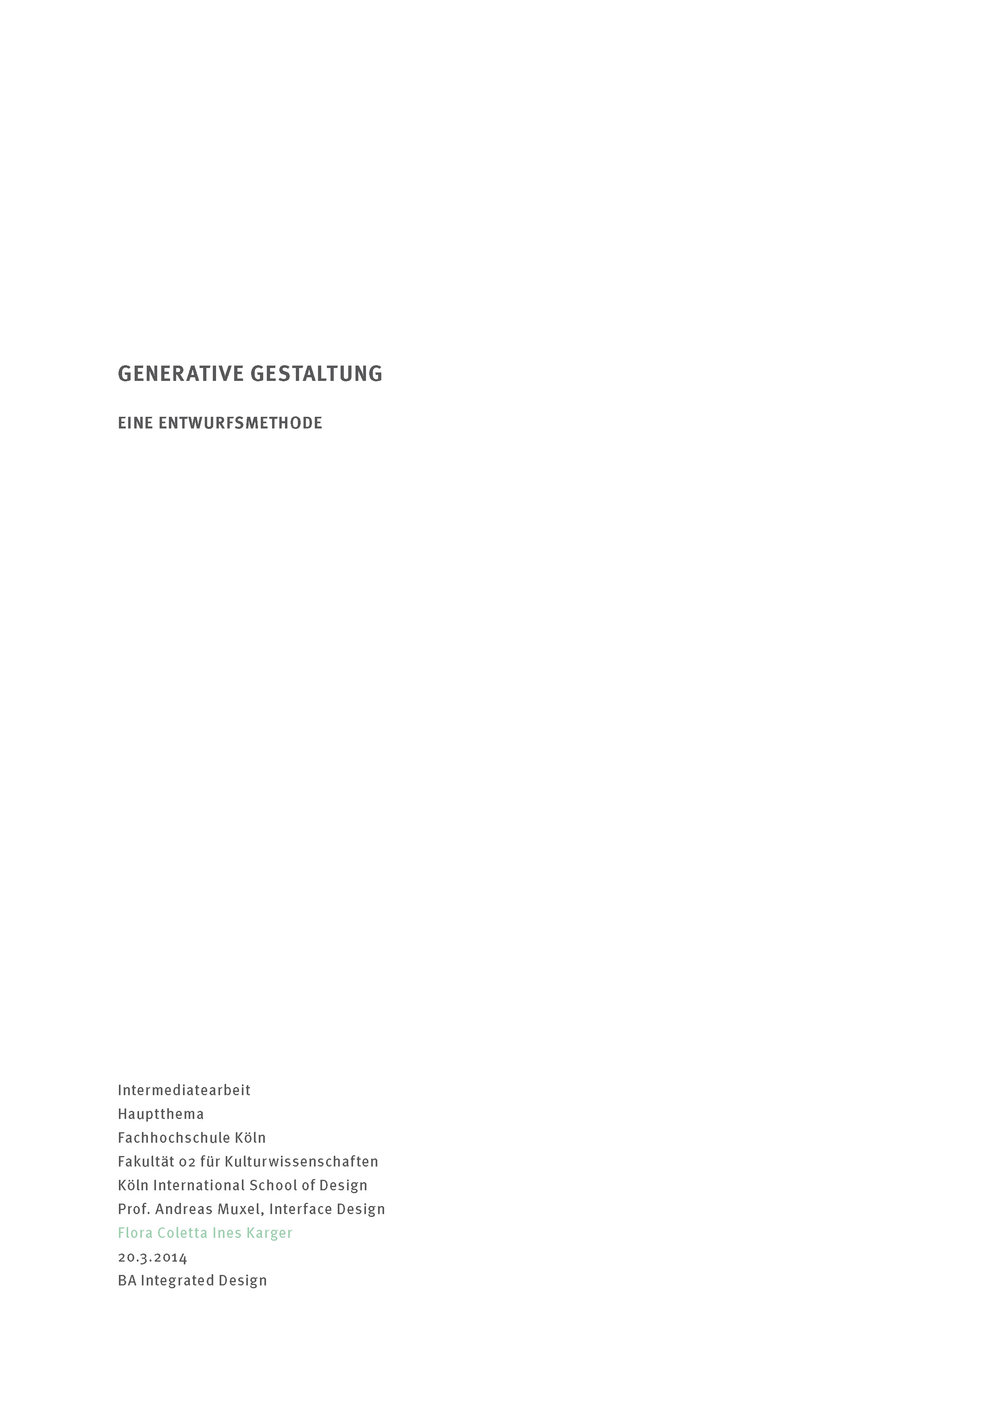 Generative Gestaltung-eine Entwurfsmethode_Einzelseiten_Seite_01.jpg